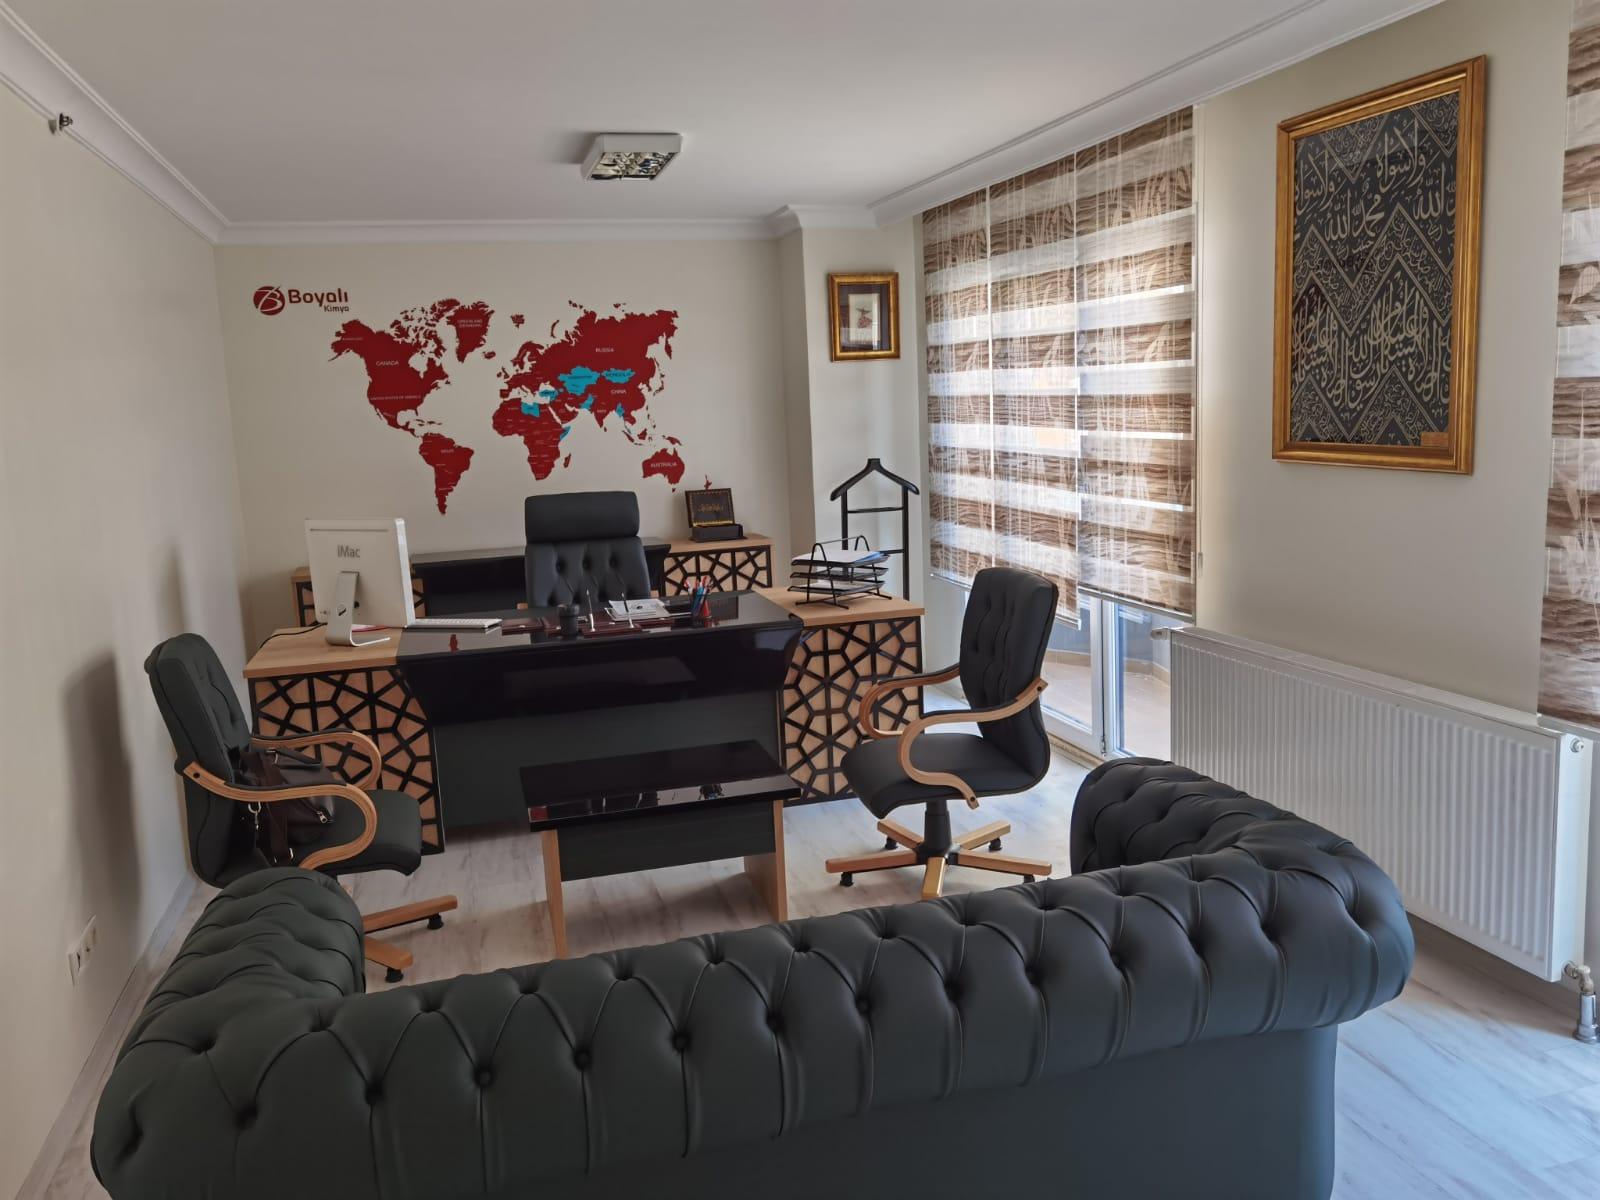 Ofis Dekor Dünya Haritası Bas kes